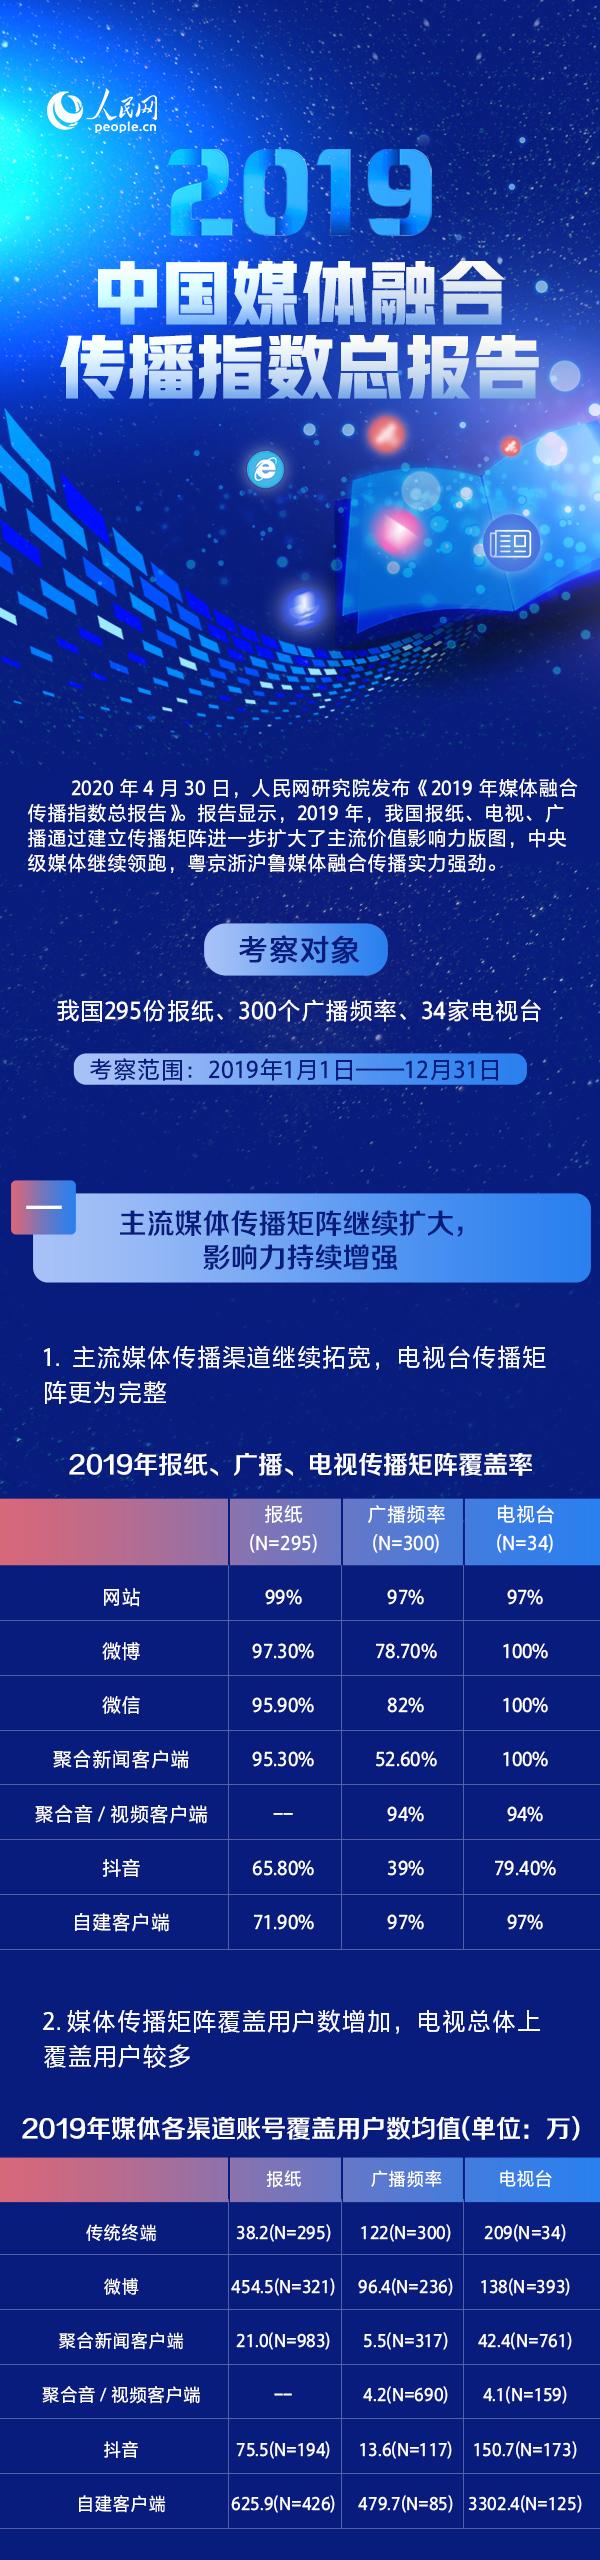 图解《2019年媒体融合传播指数总报告》中央媒体继续领跑